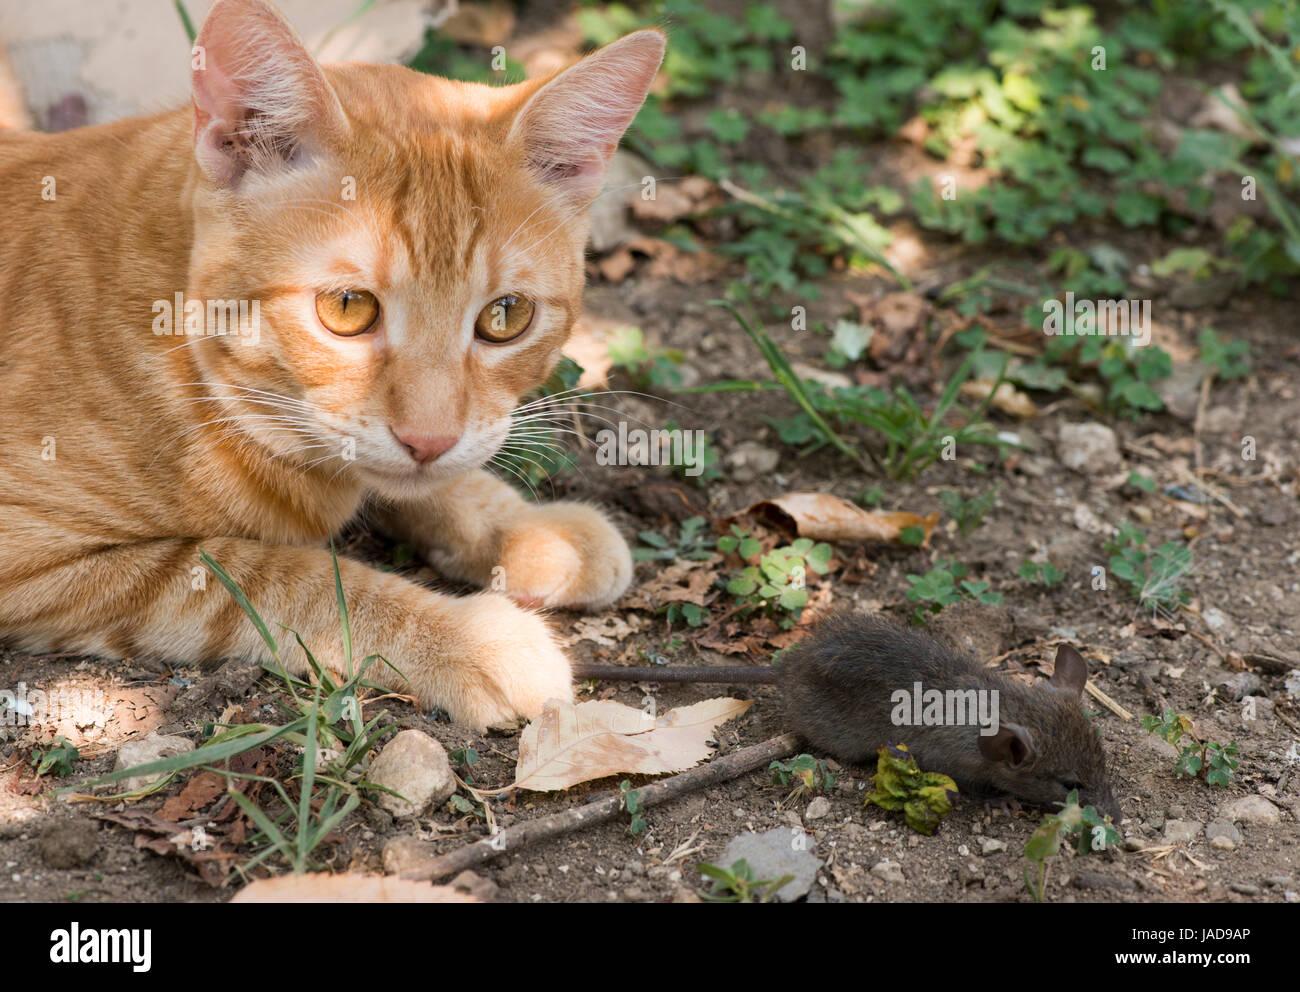 Katz Und Maus Im Garten Katze Maus Fangen Stockfoto Bild